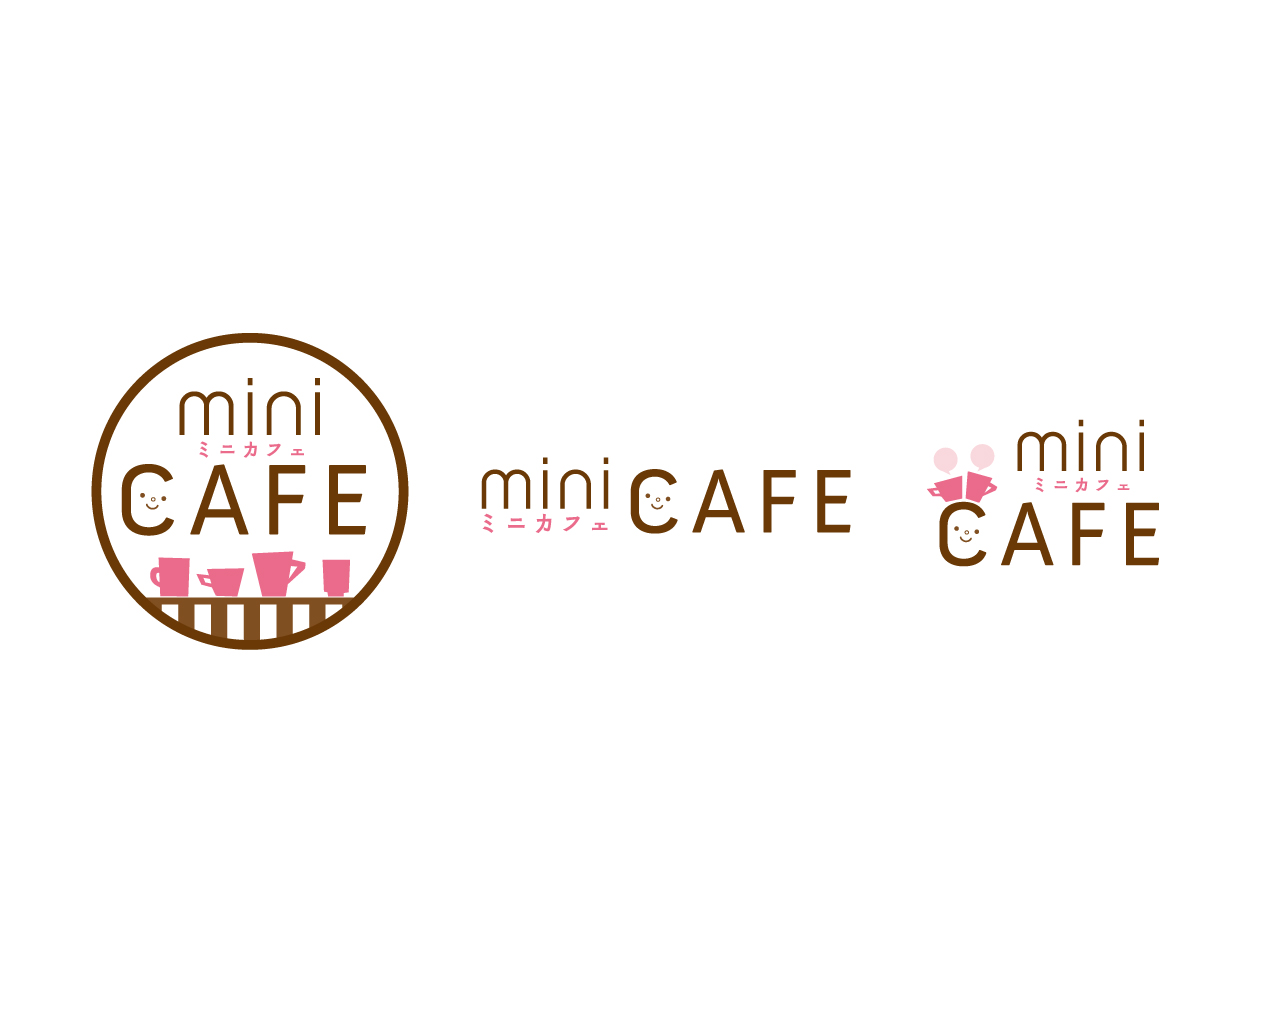 mini CAFE(明日の株式会社様)